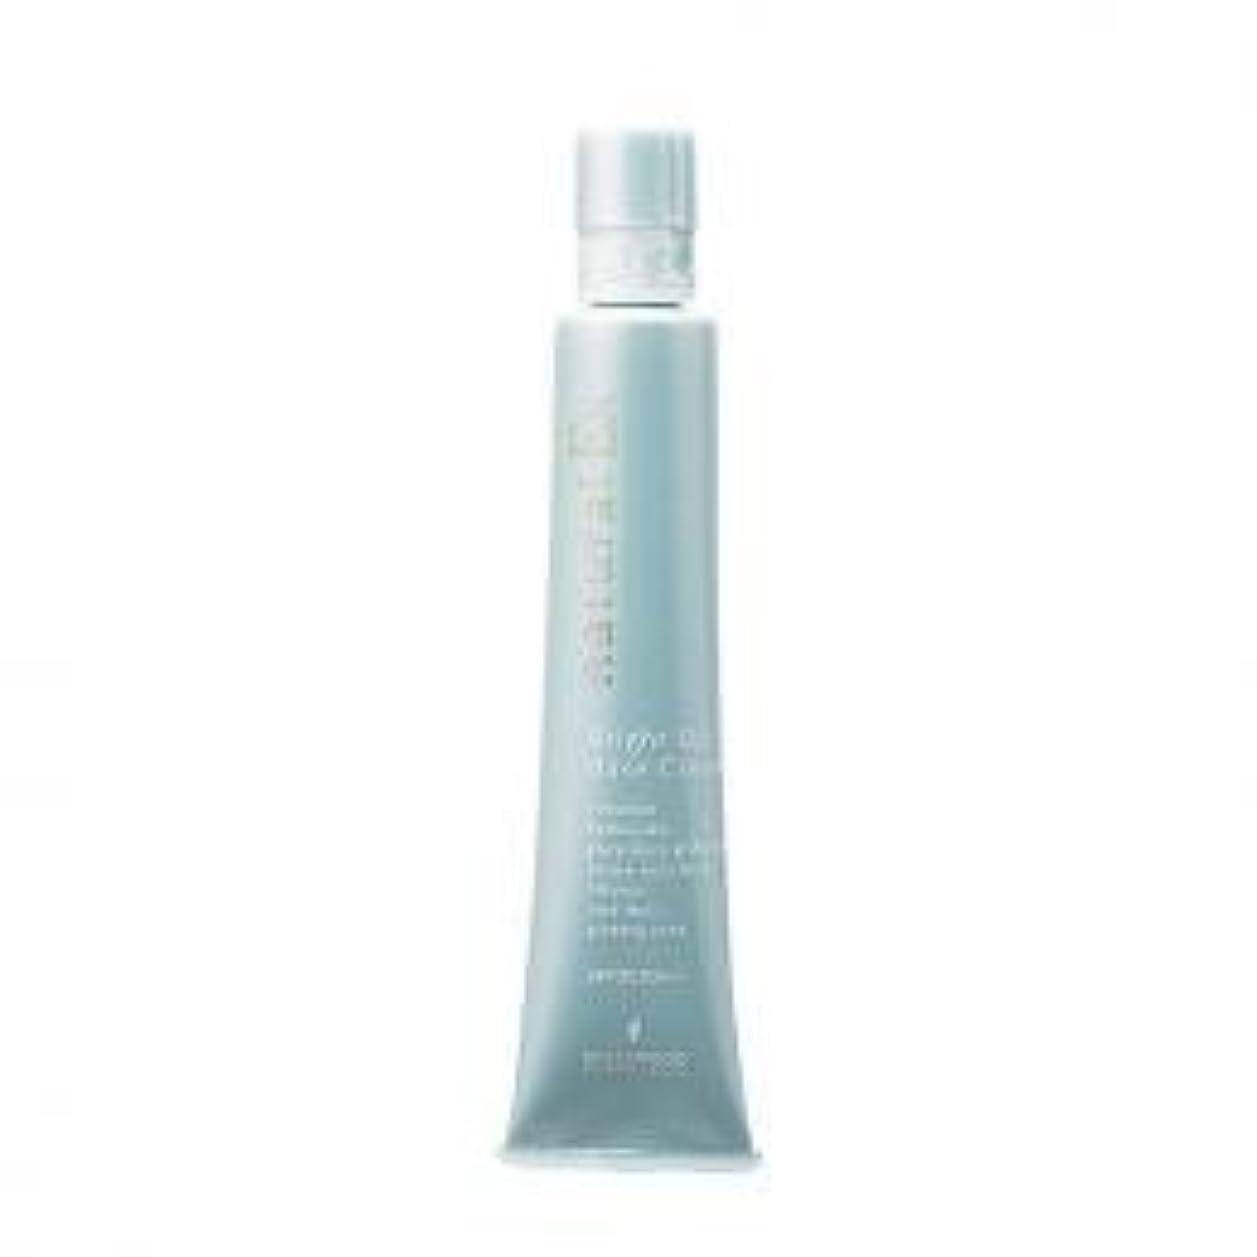 理容師マチュピチュ知事ハリウッド化粧品 ナチュラルEX ブライトアップ ベースクリーム h 35g SPF30 PA++